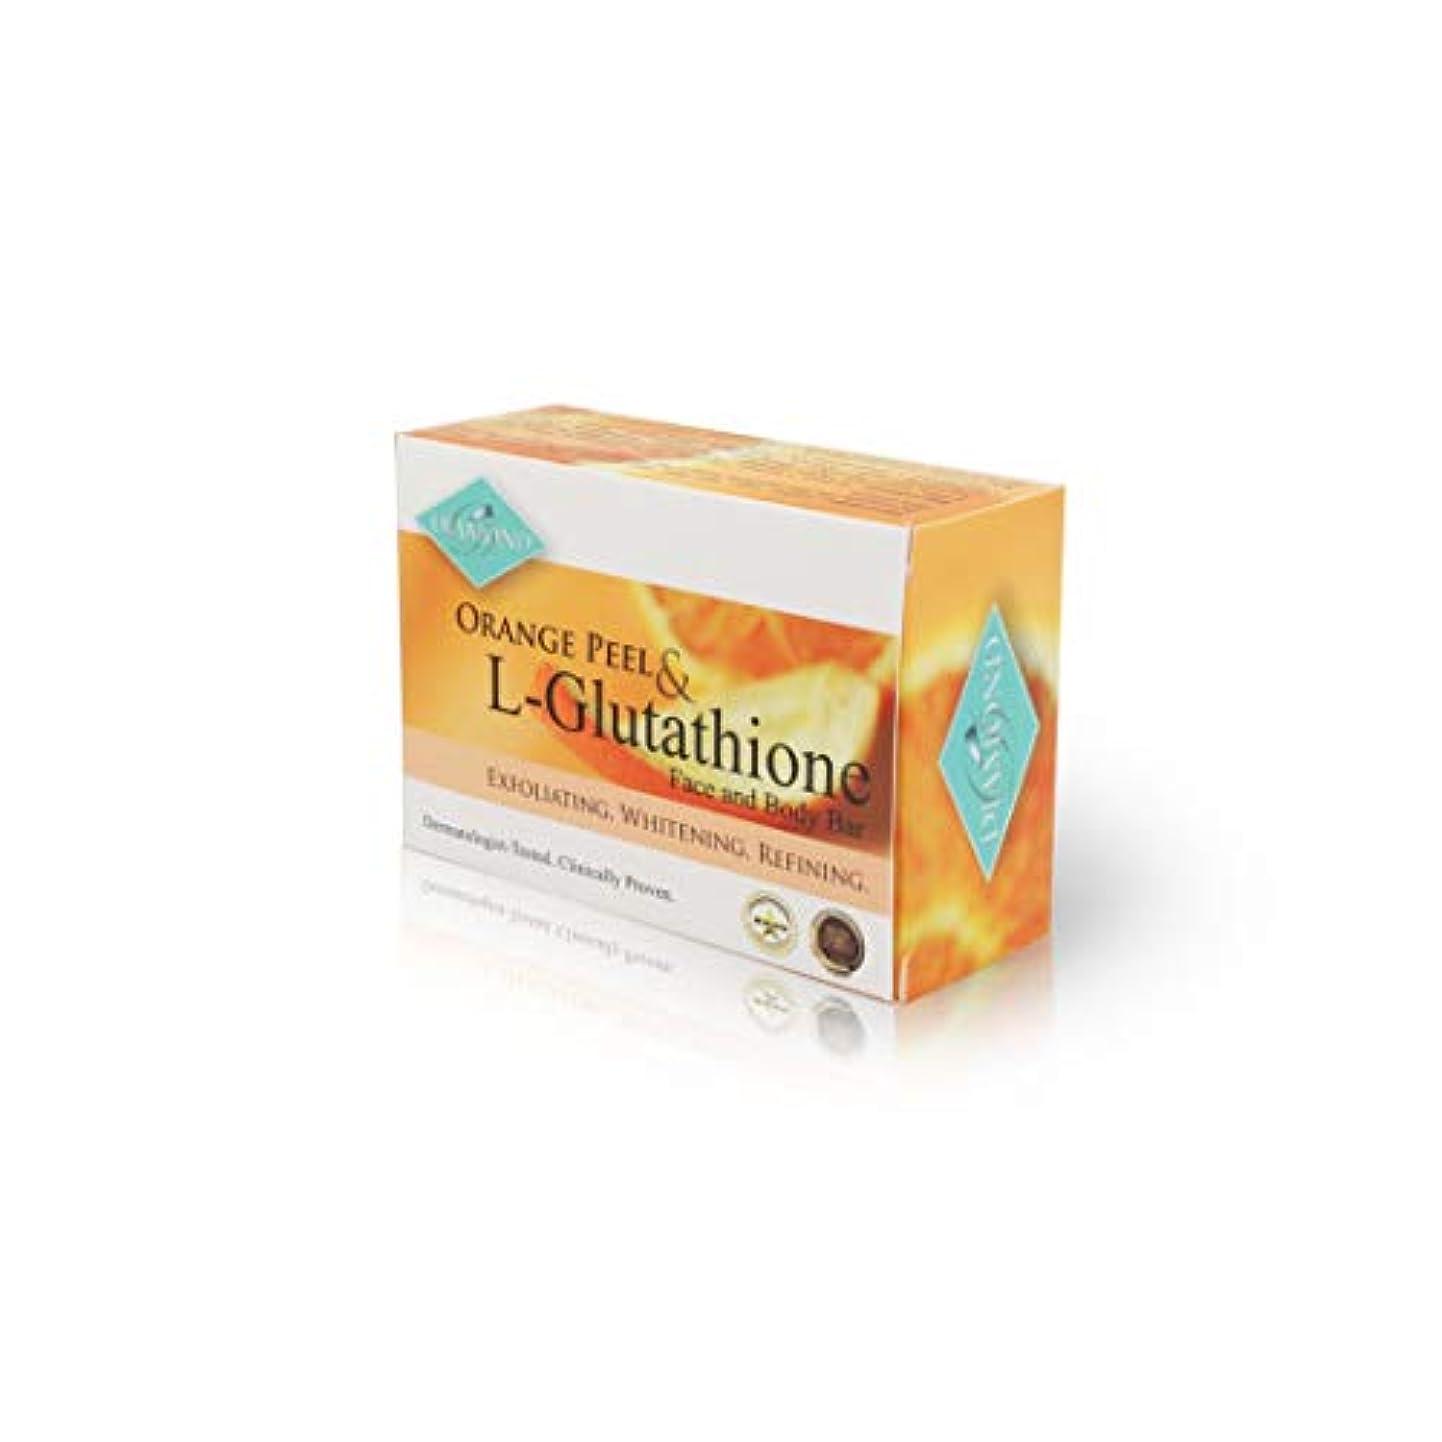 ムスタチオ英語の授業があります魅力的であることへのアピールDIAMOND ORANGE PEEL&Glutathione soap/オレンジピール&グルタチオン配合ソープ(美容石けん) 150g 正規輸入品